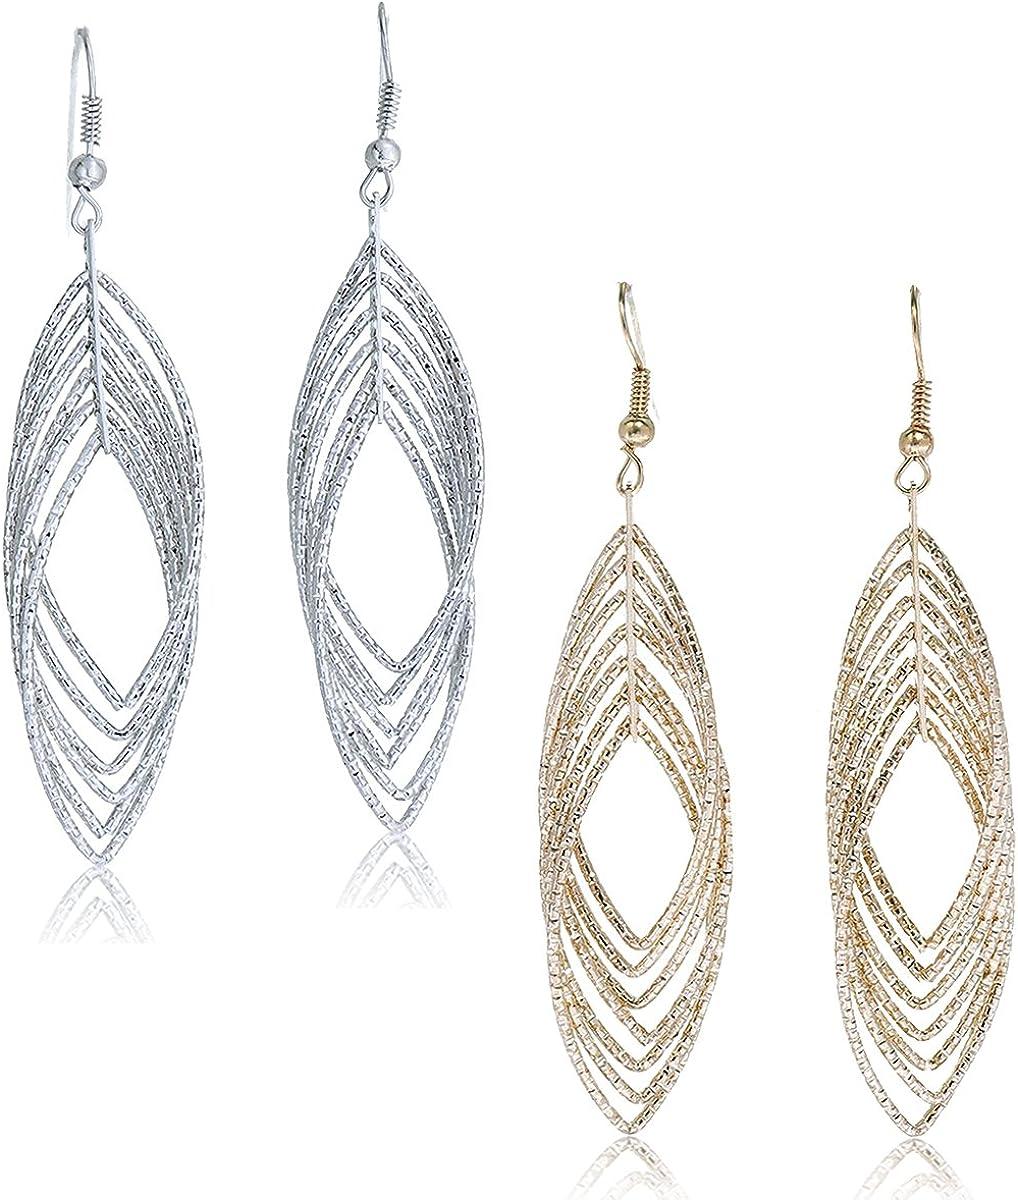 Bohemian Earrings Long Dangle Earrings Mordern Earrings Everday Earrings Casual Earrings Hammered Earrings Sterling Silver Earrings